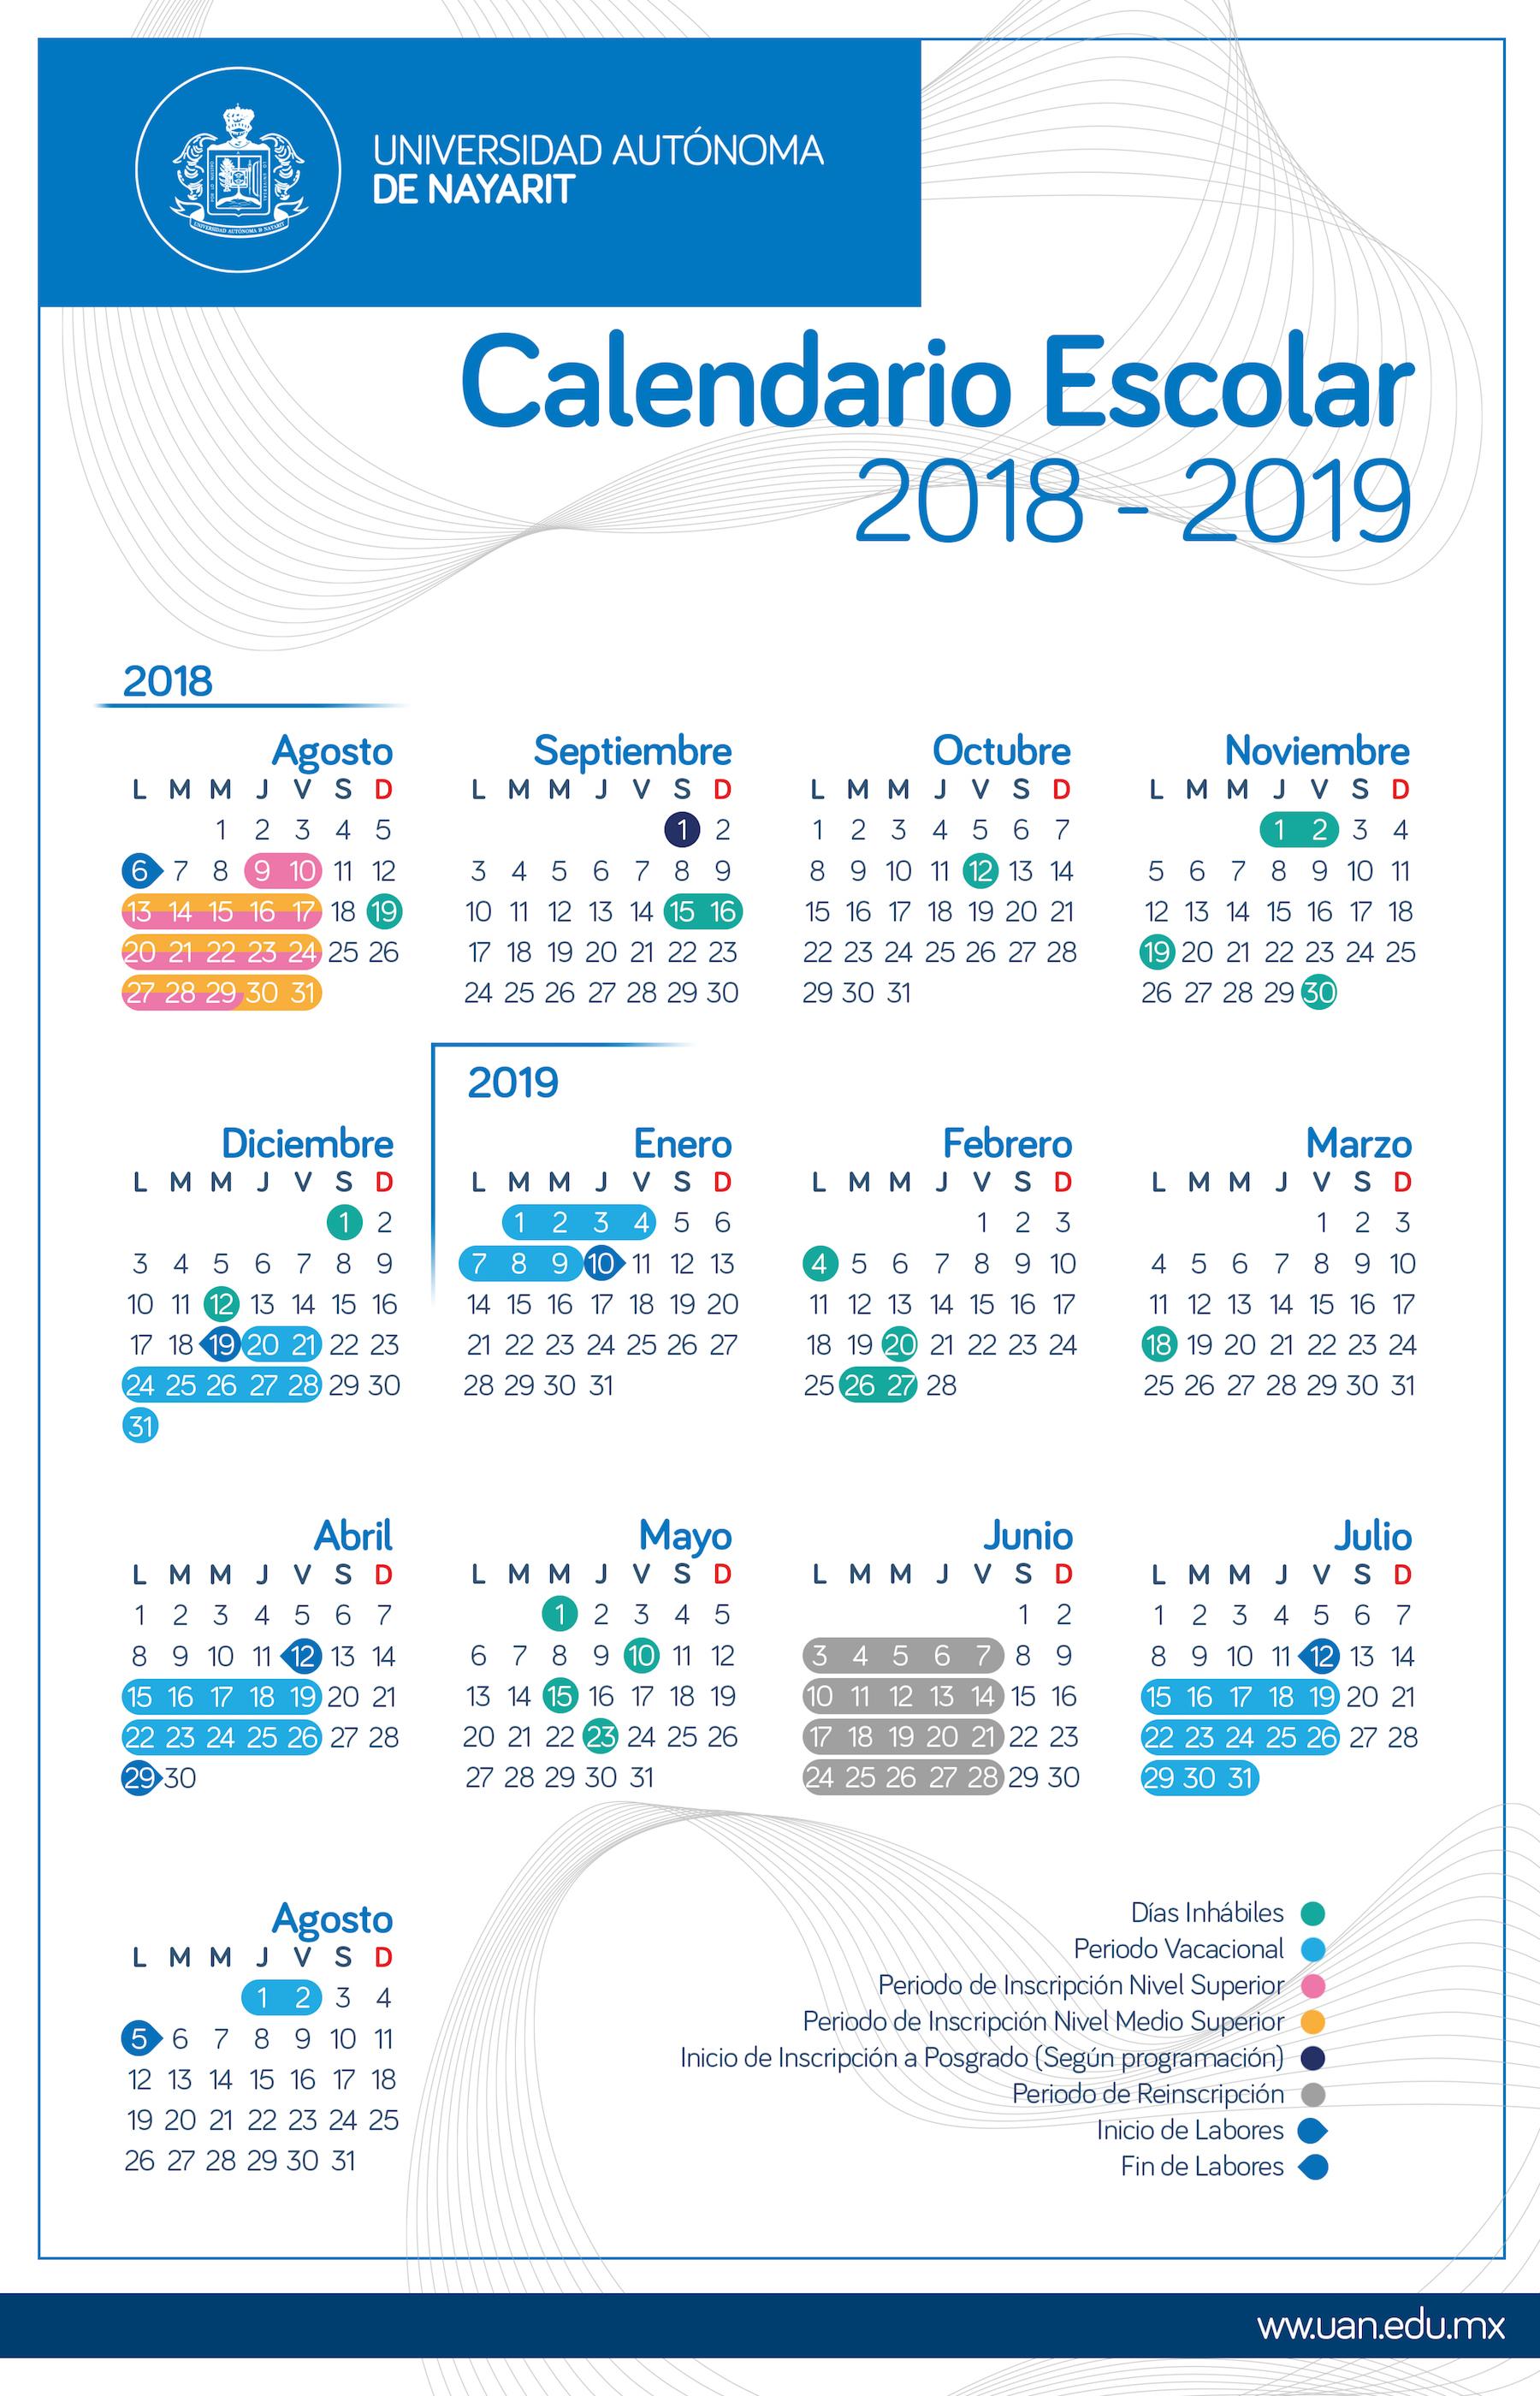 Calendario Universitario.Calendario Escolar Uan 2018 2019